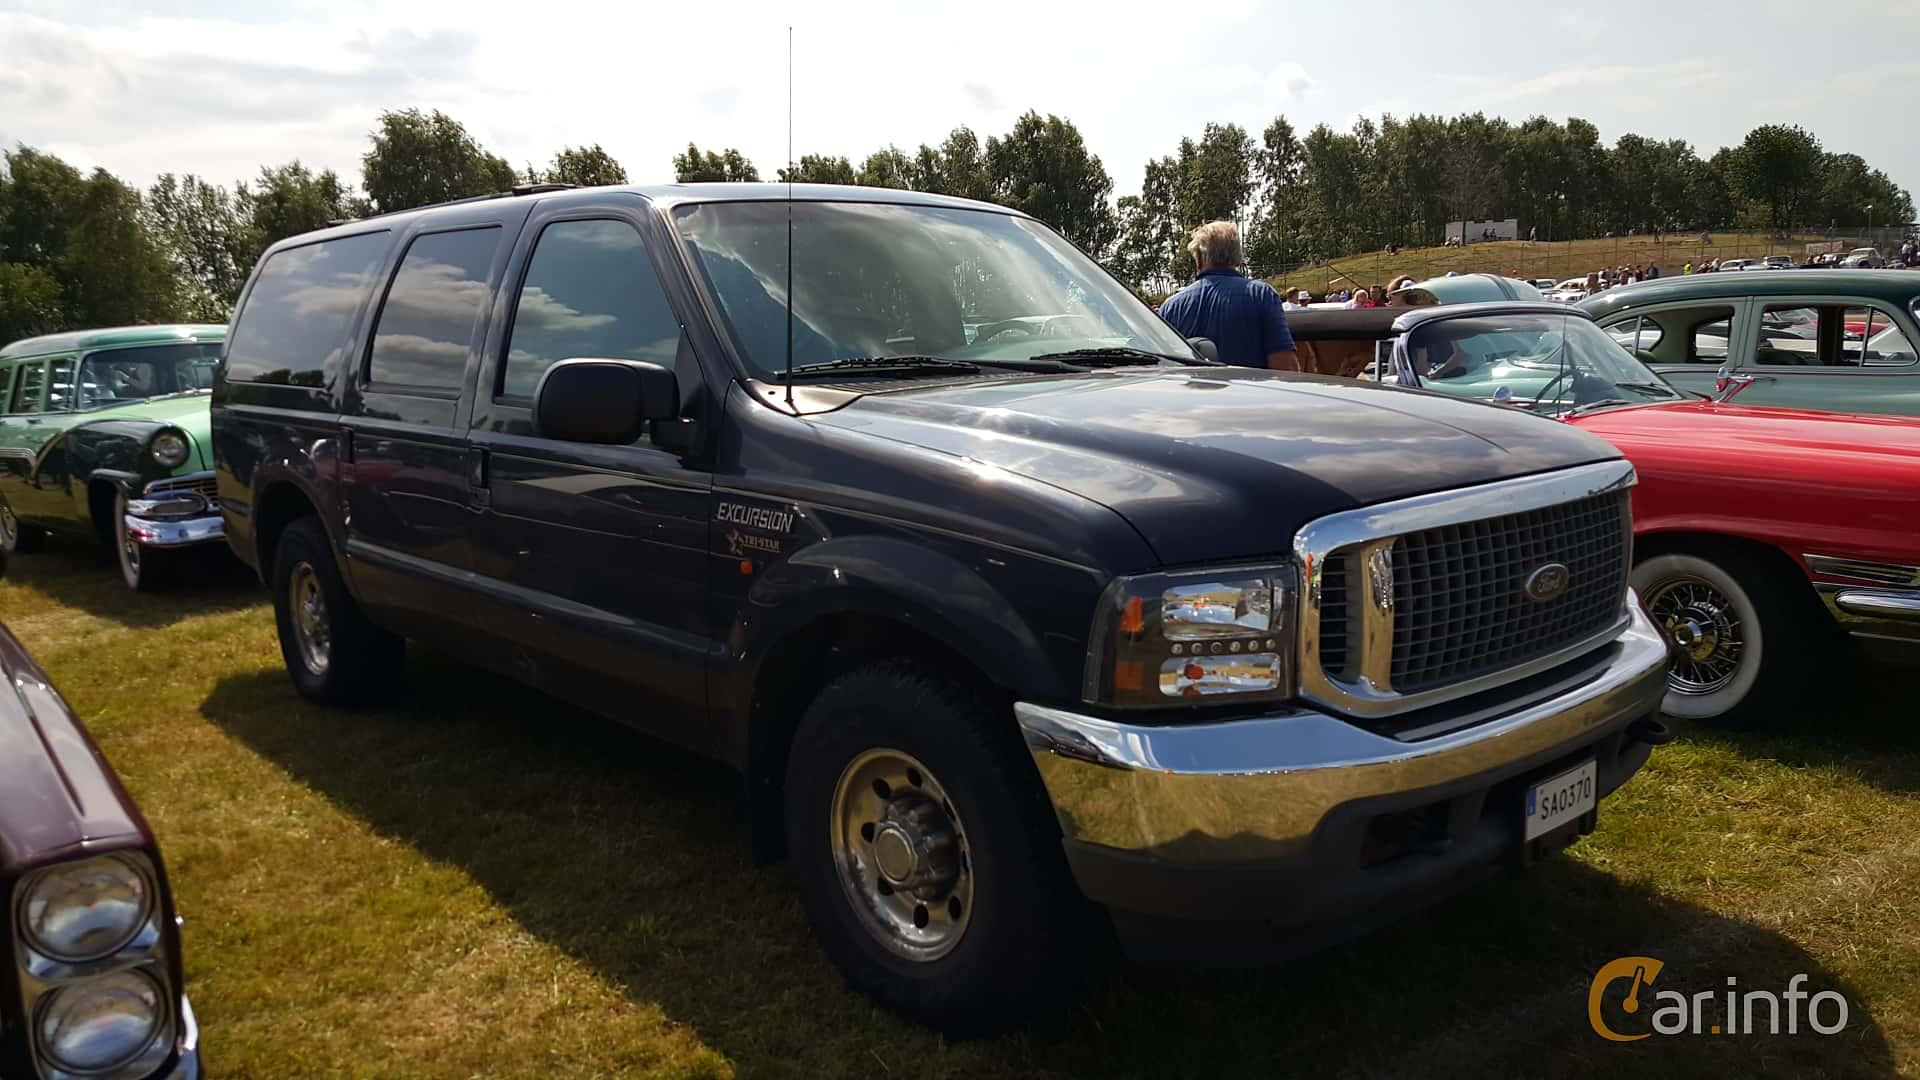 Ford Excursion 1st Generation 7 3 V8